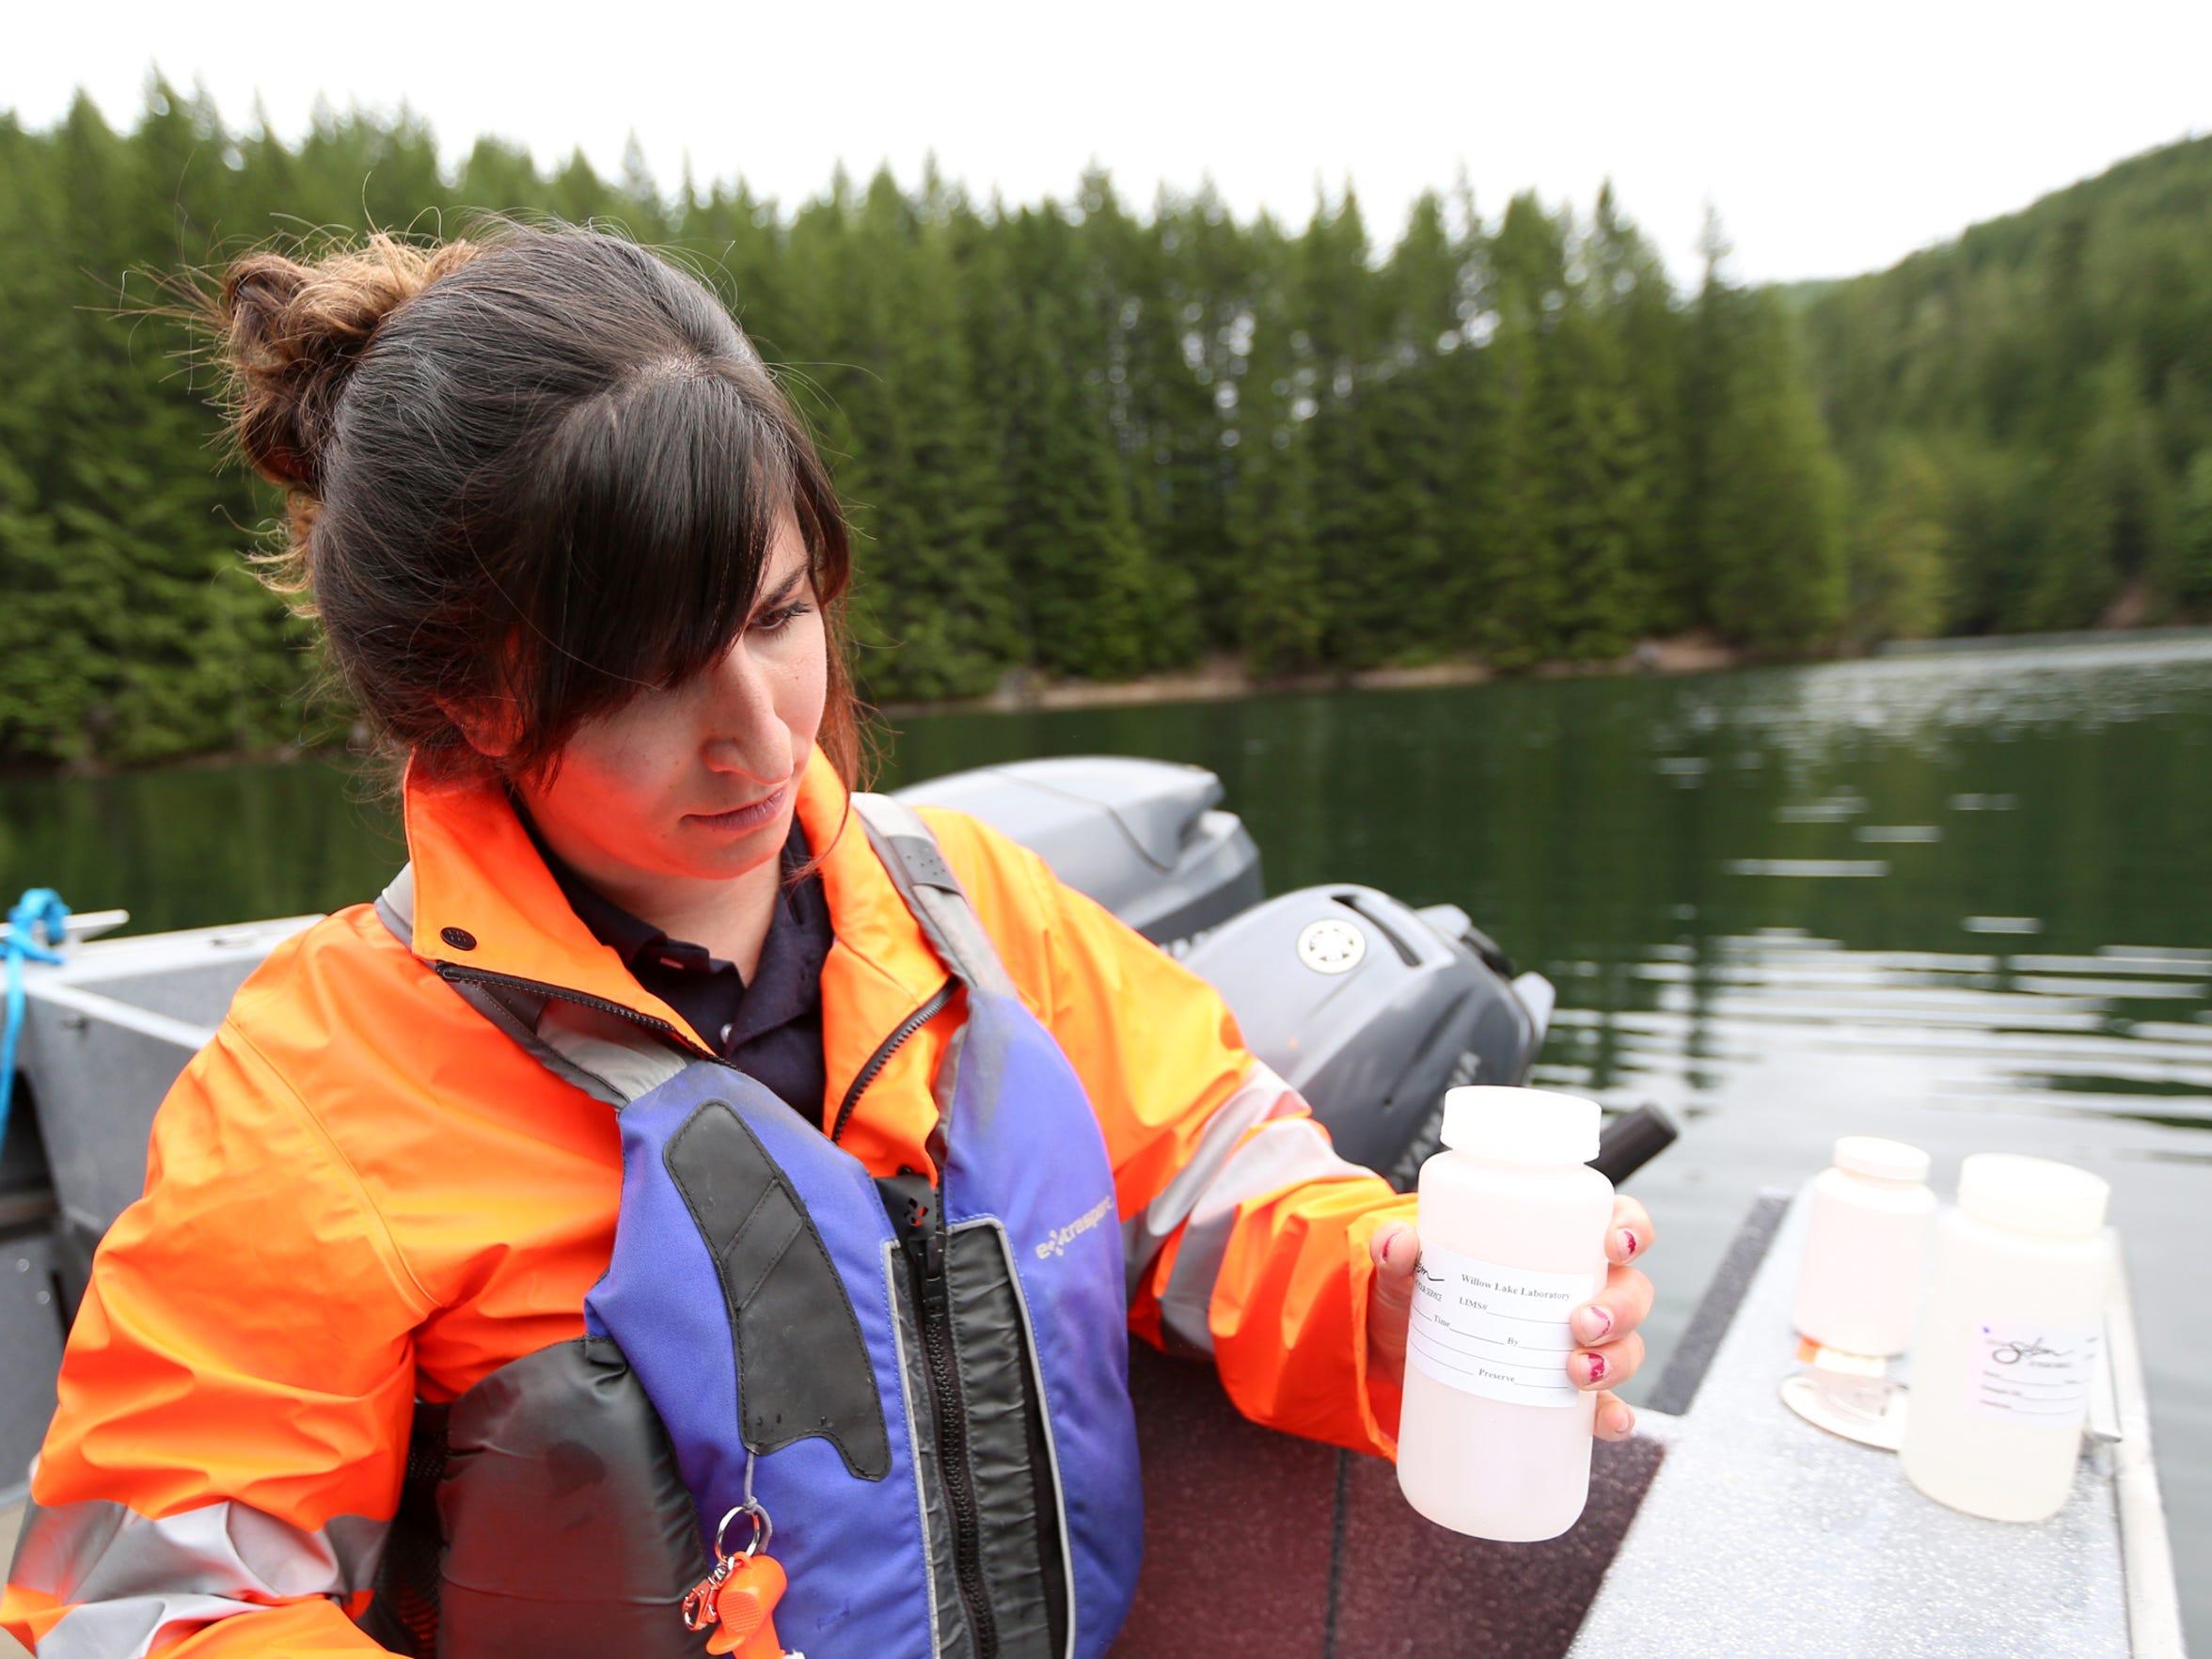 Brandin Krempaský, un coordinador del programa de cuencas con la ciudad de Salem, toma una muestra de agua en Blowout Creek en el lago Detroit el jueves 7 de junio de, 2018.